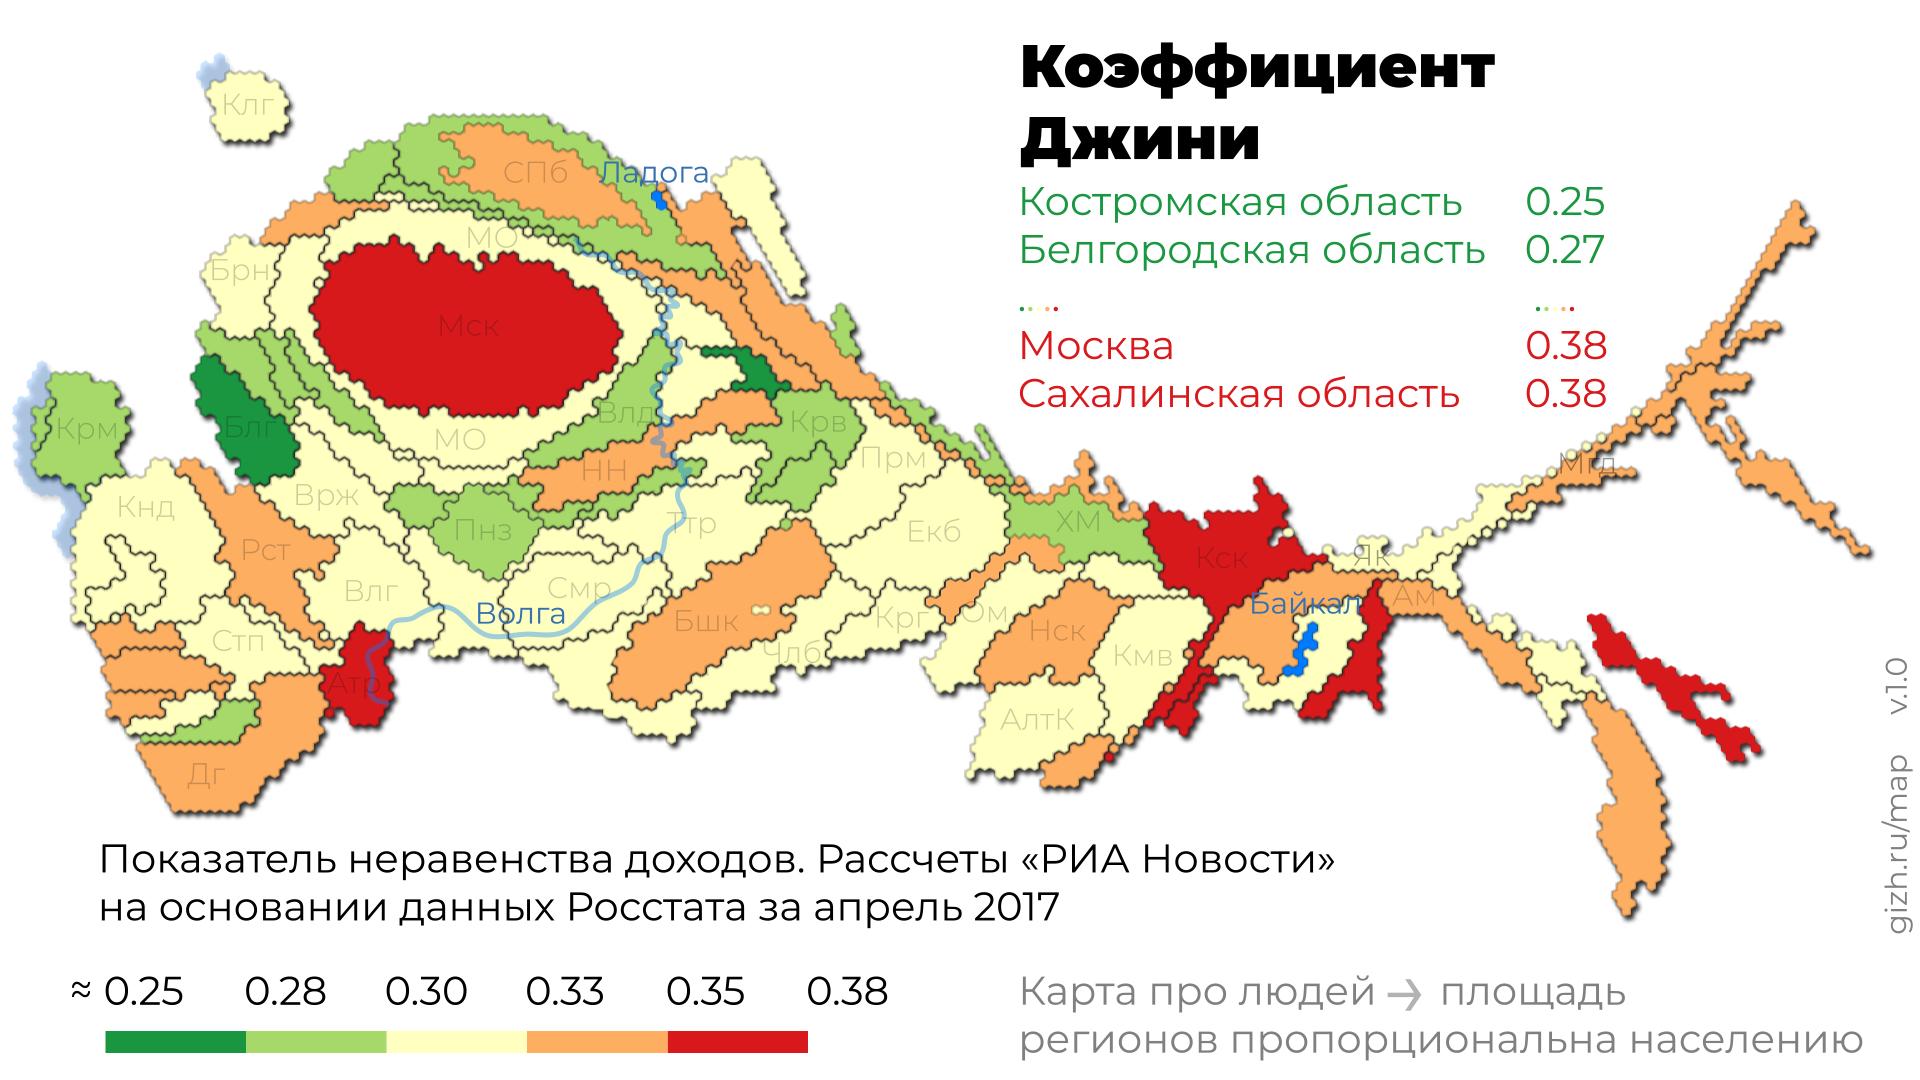 Коэффициент Джини (показатель неравенства доходов) по регионам. Карта-анаморфоза